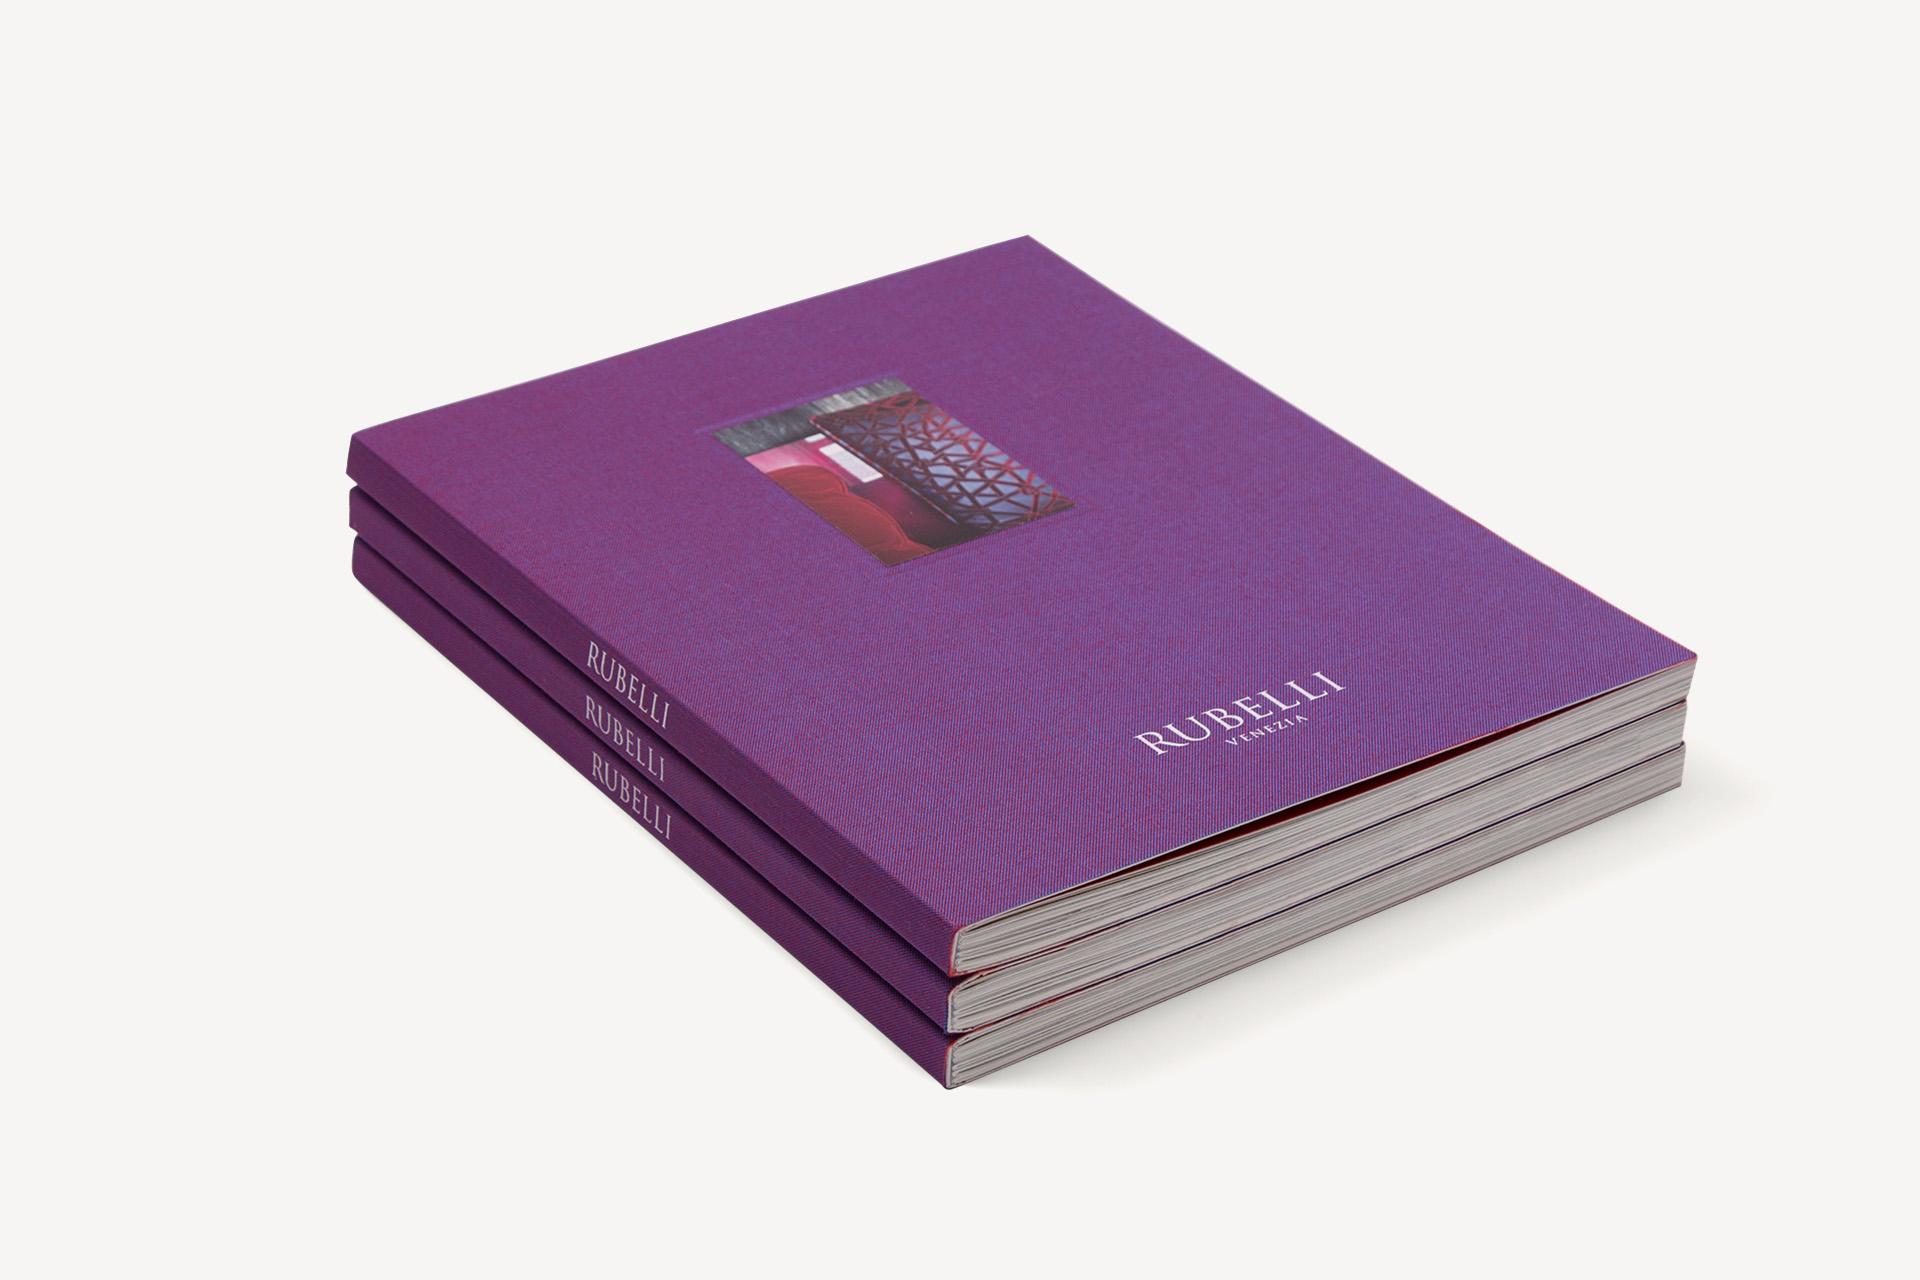 RUBELLI BOOK, VOL. 2